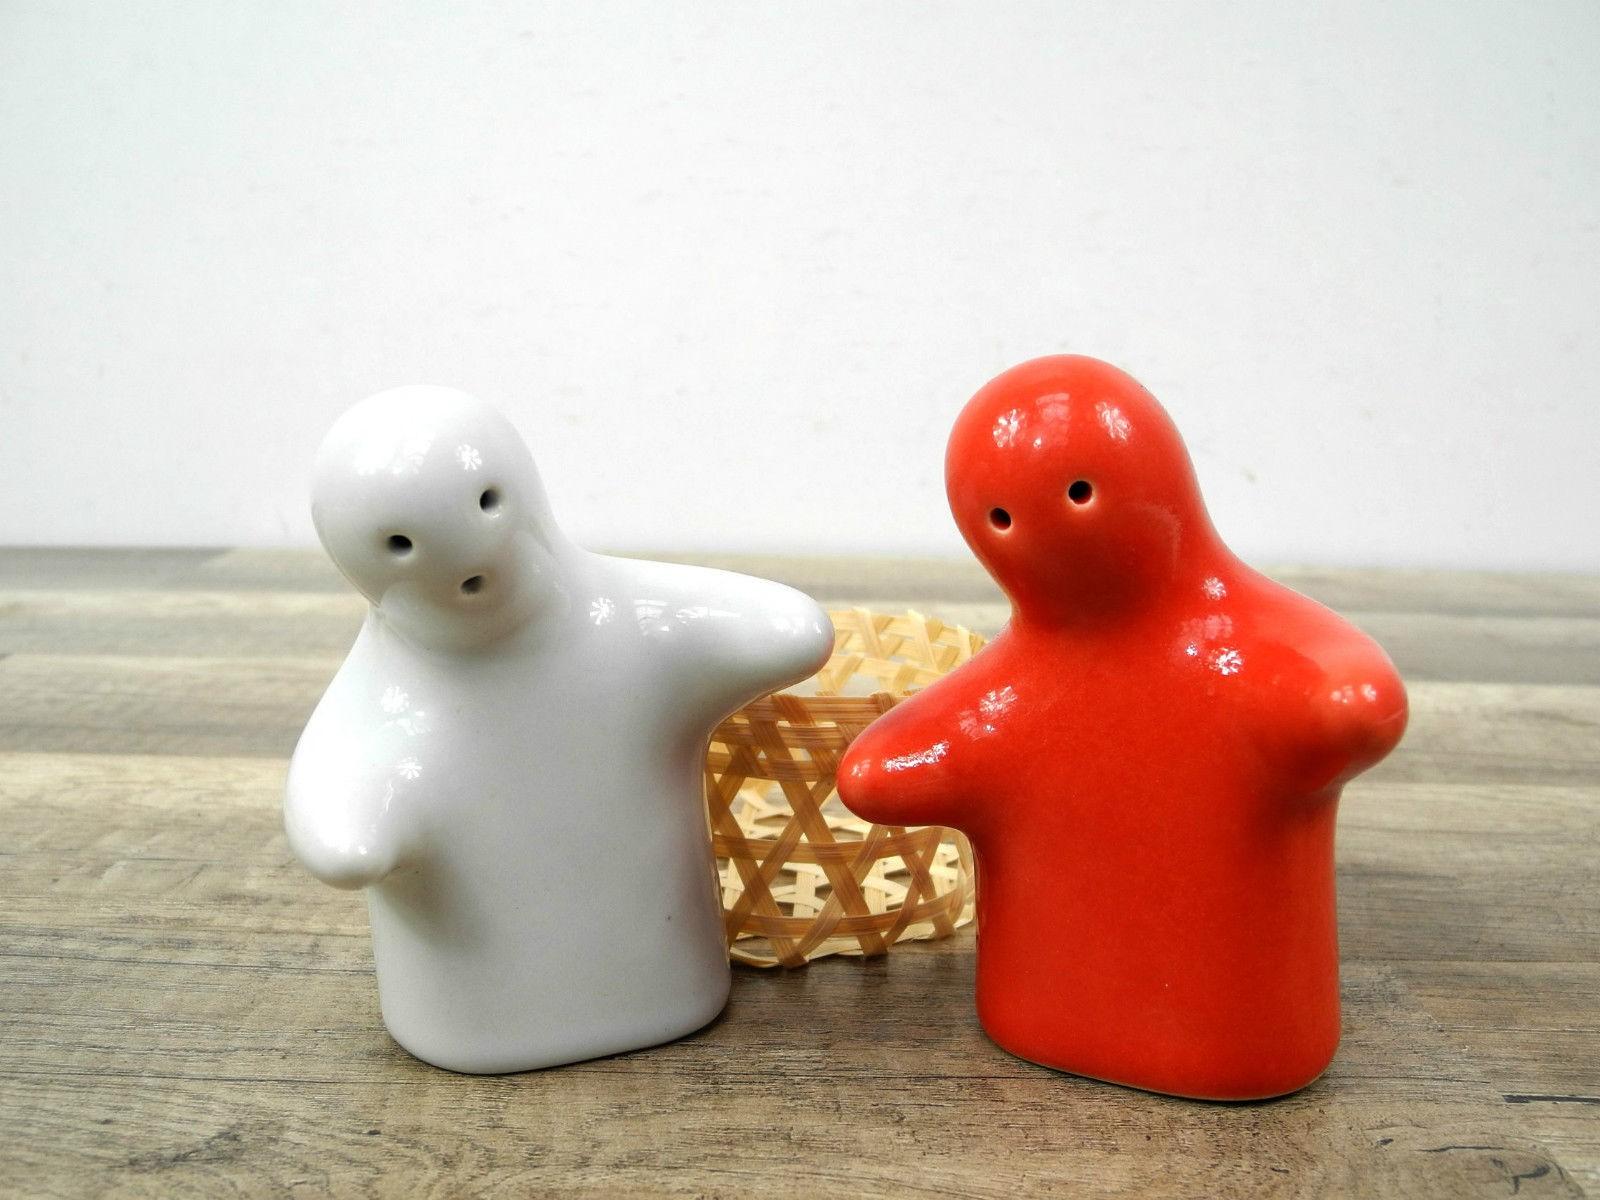 Salz pfeffer streuer set weiß rot männchen keramik deko küche nr. 7363